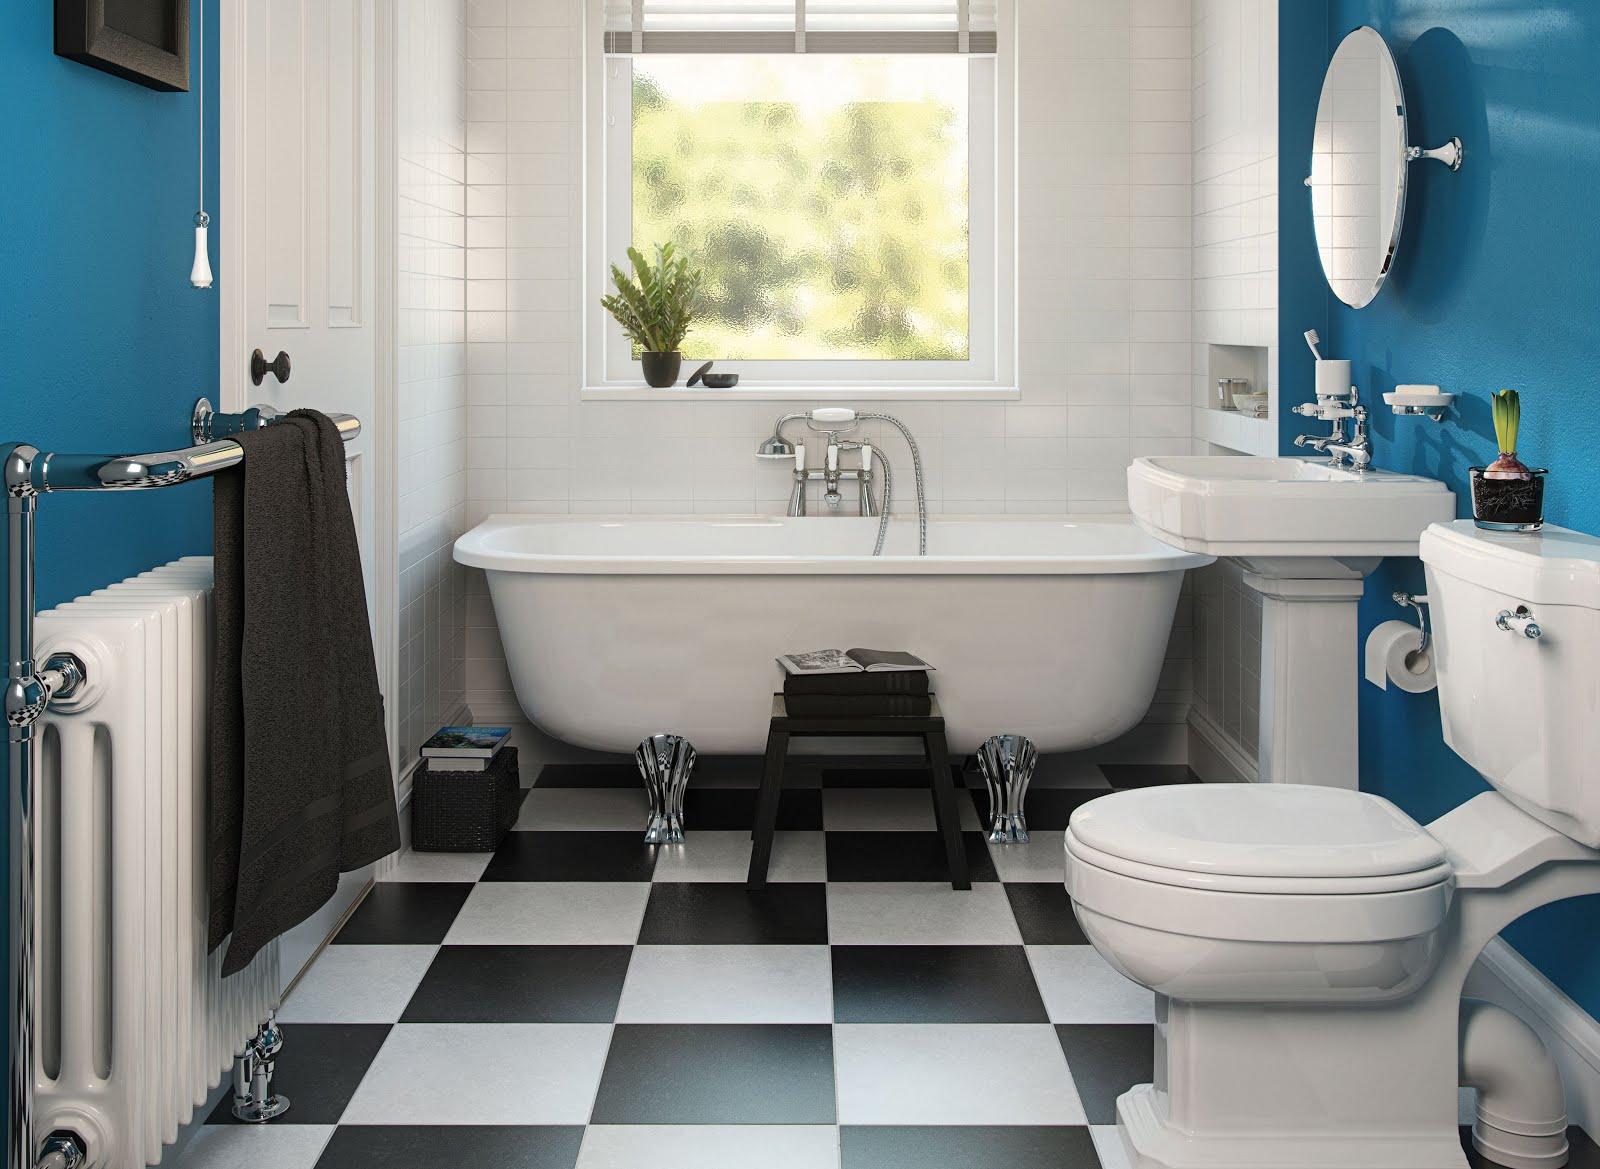 Azulejos de baños pintados, ¡renueva tu piso por poco dinero - Una ...